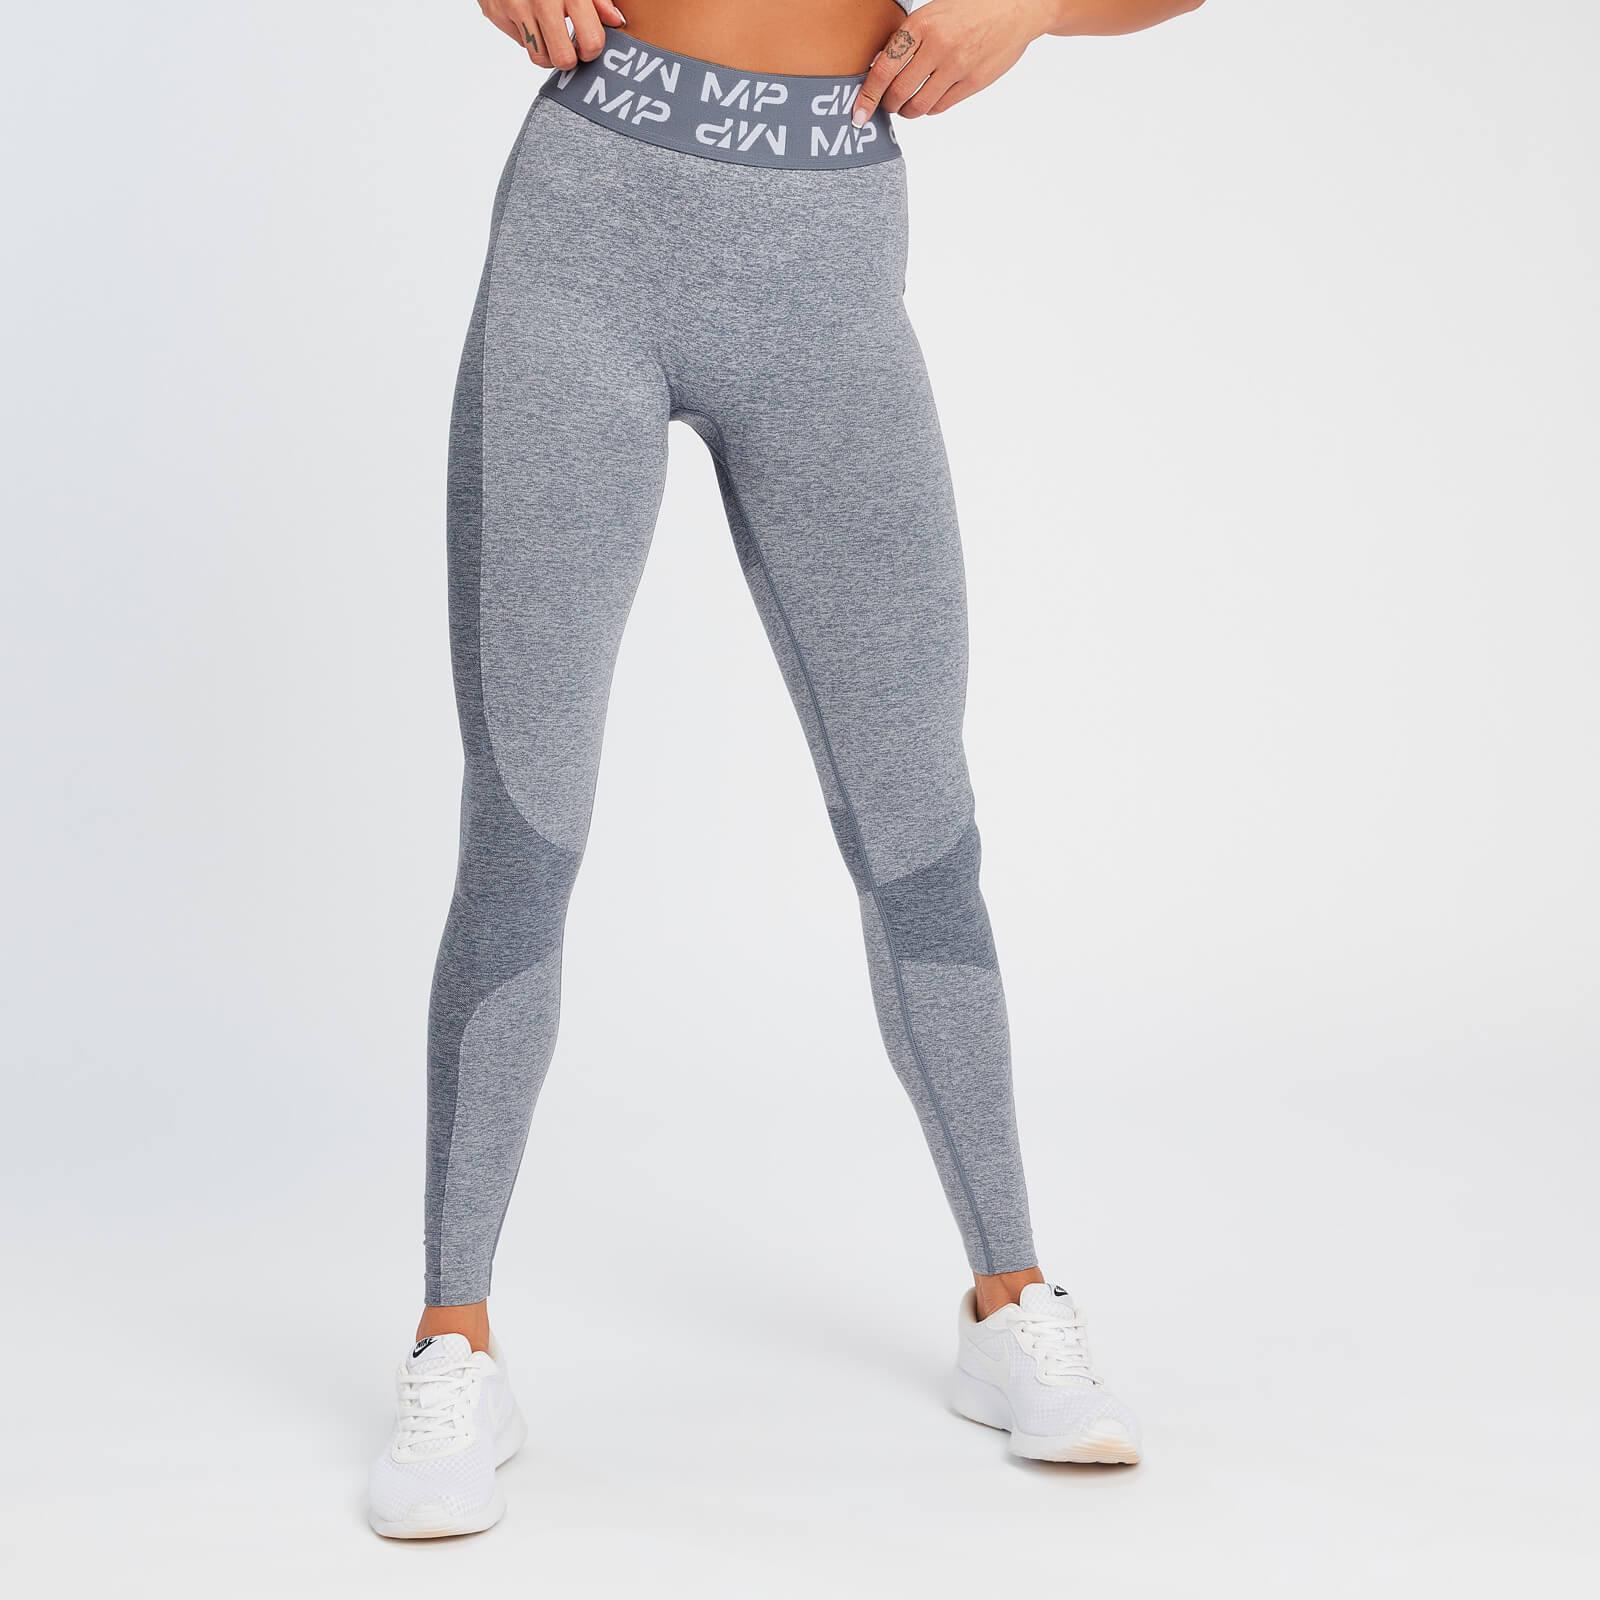 Legging MP Curve pour femmes – Galaxie - M